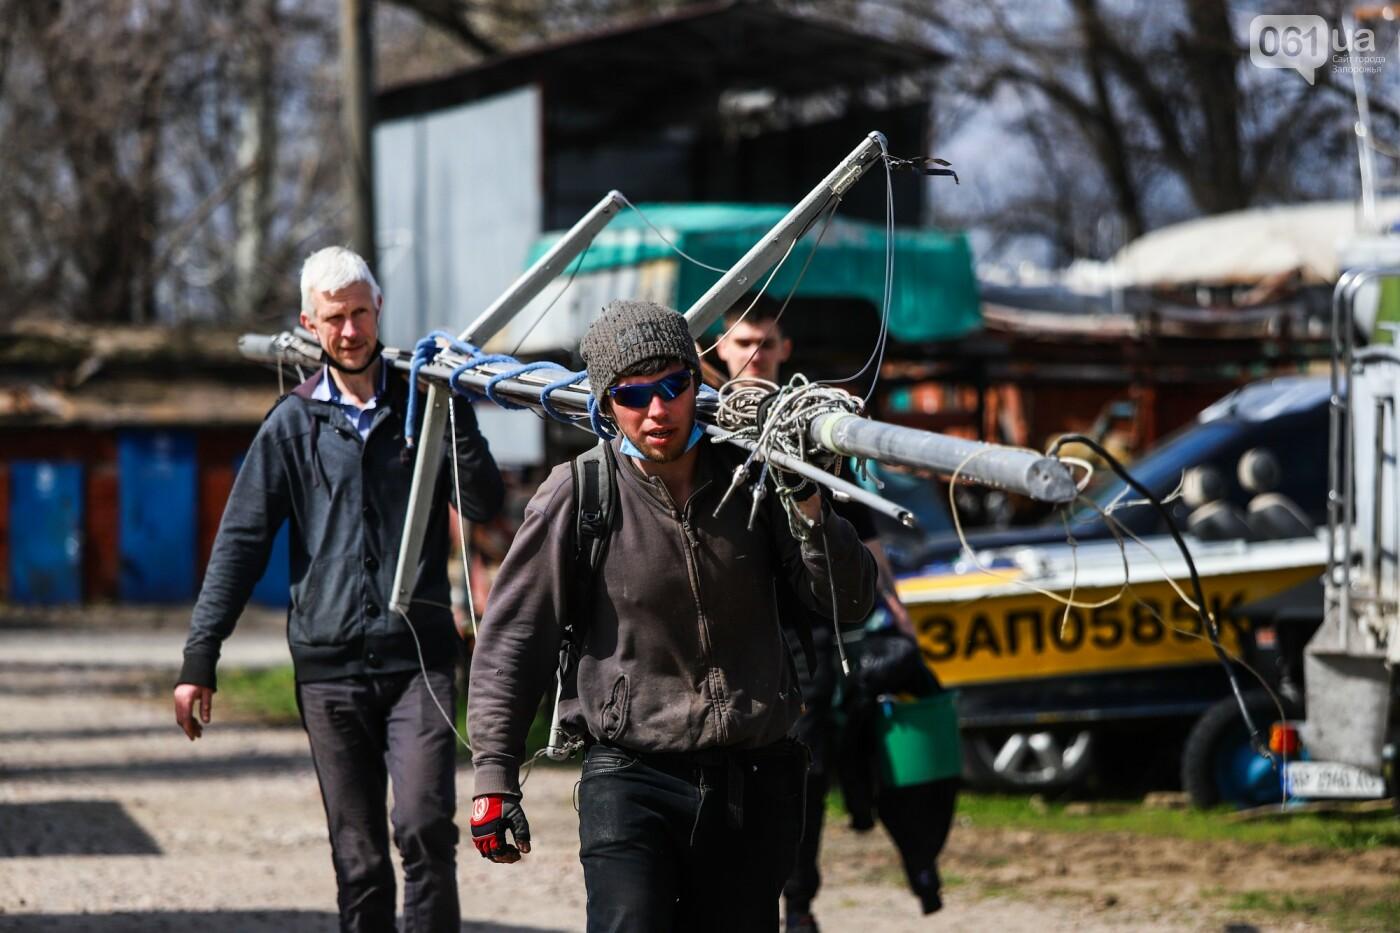 Монтаж первого пролета вантового моста, транспортный локдаун и репортаж из заброшенной шахты: апрель в фотографиях, фото-36